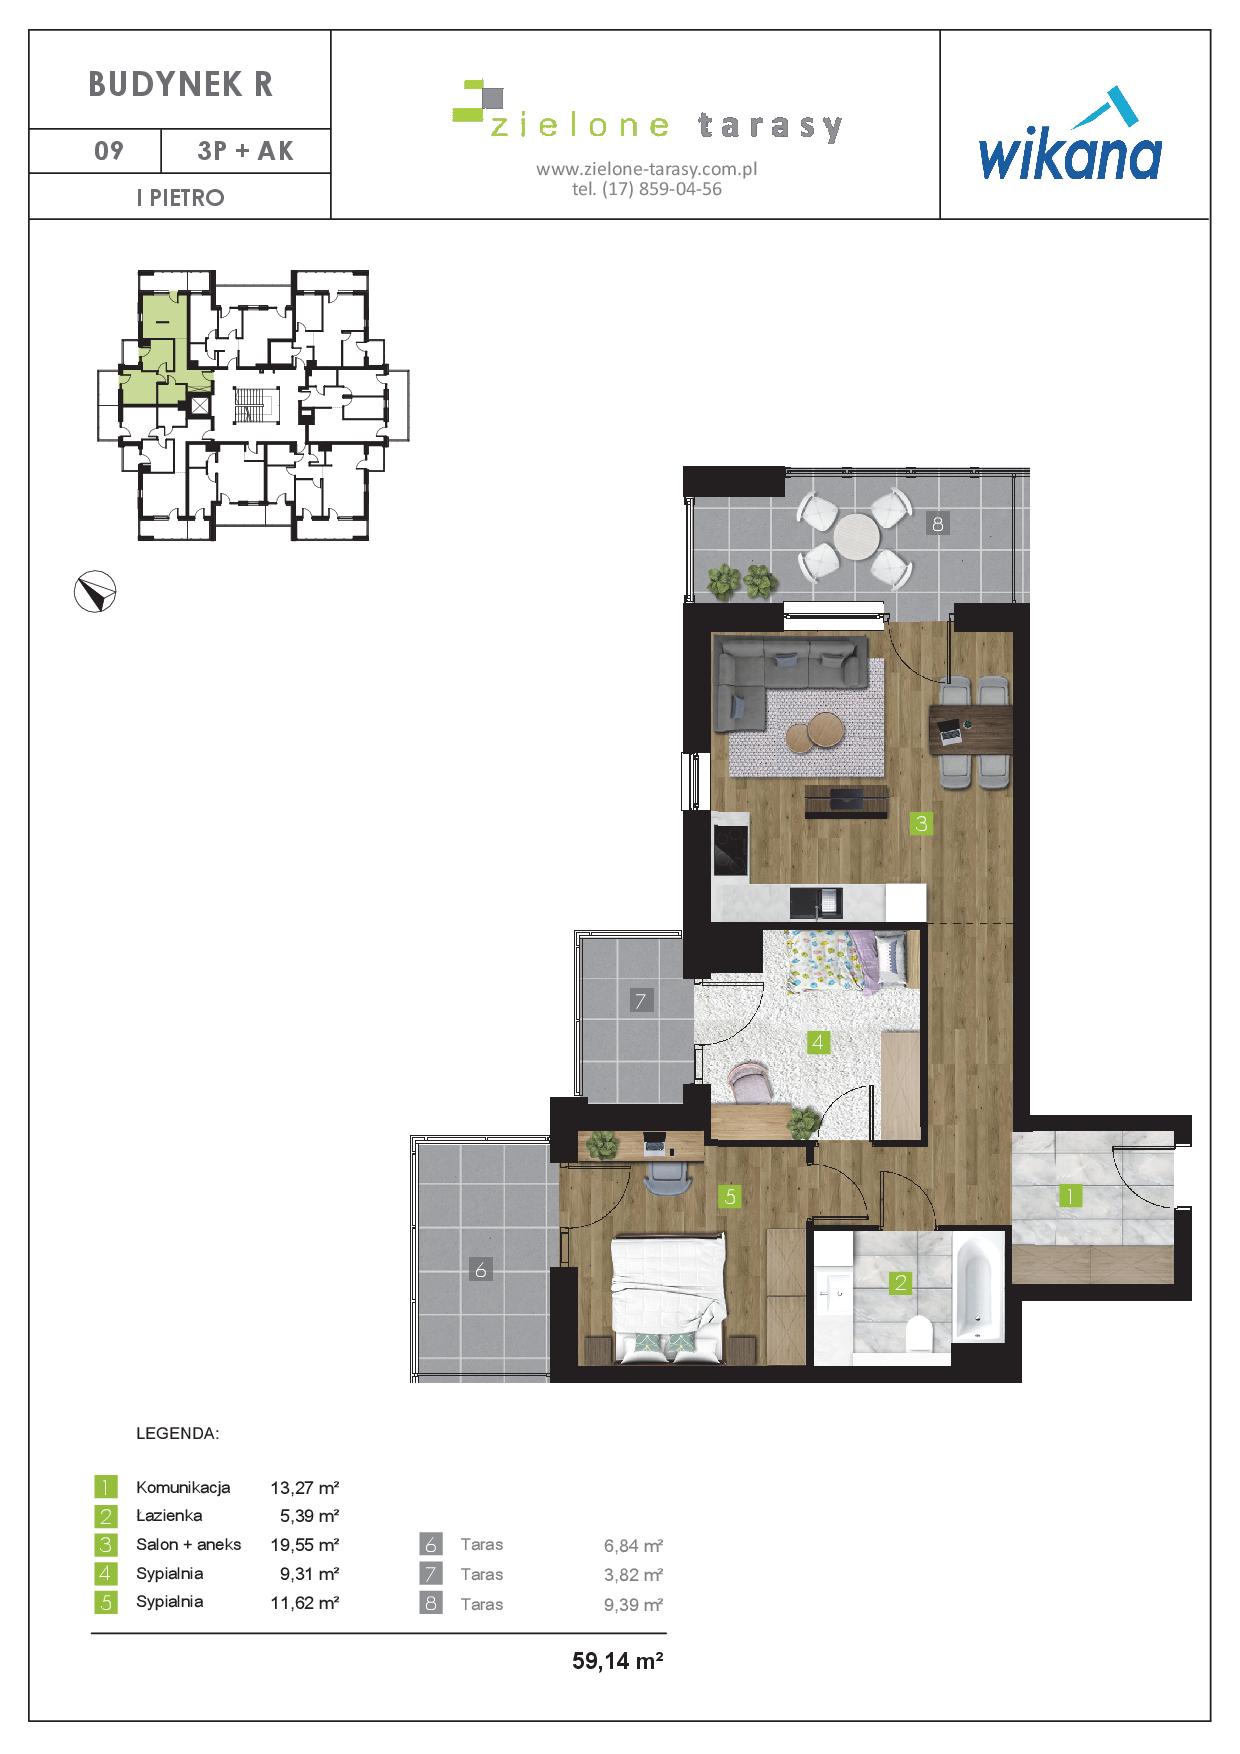 sprzedaż mieszkań rzeszów - R-09